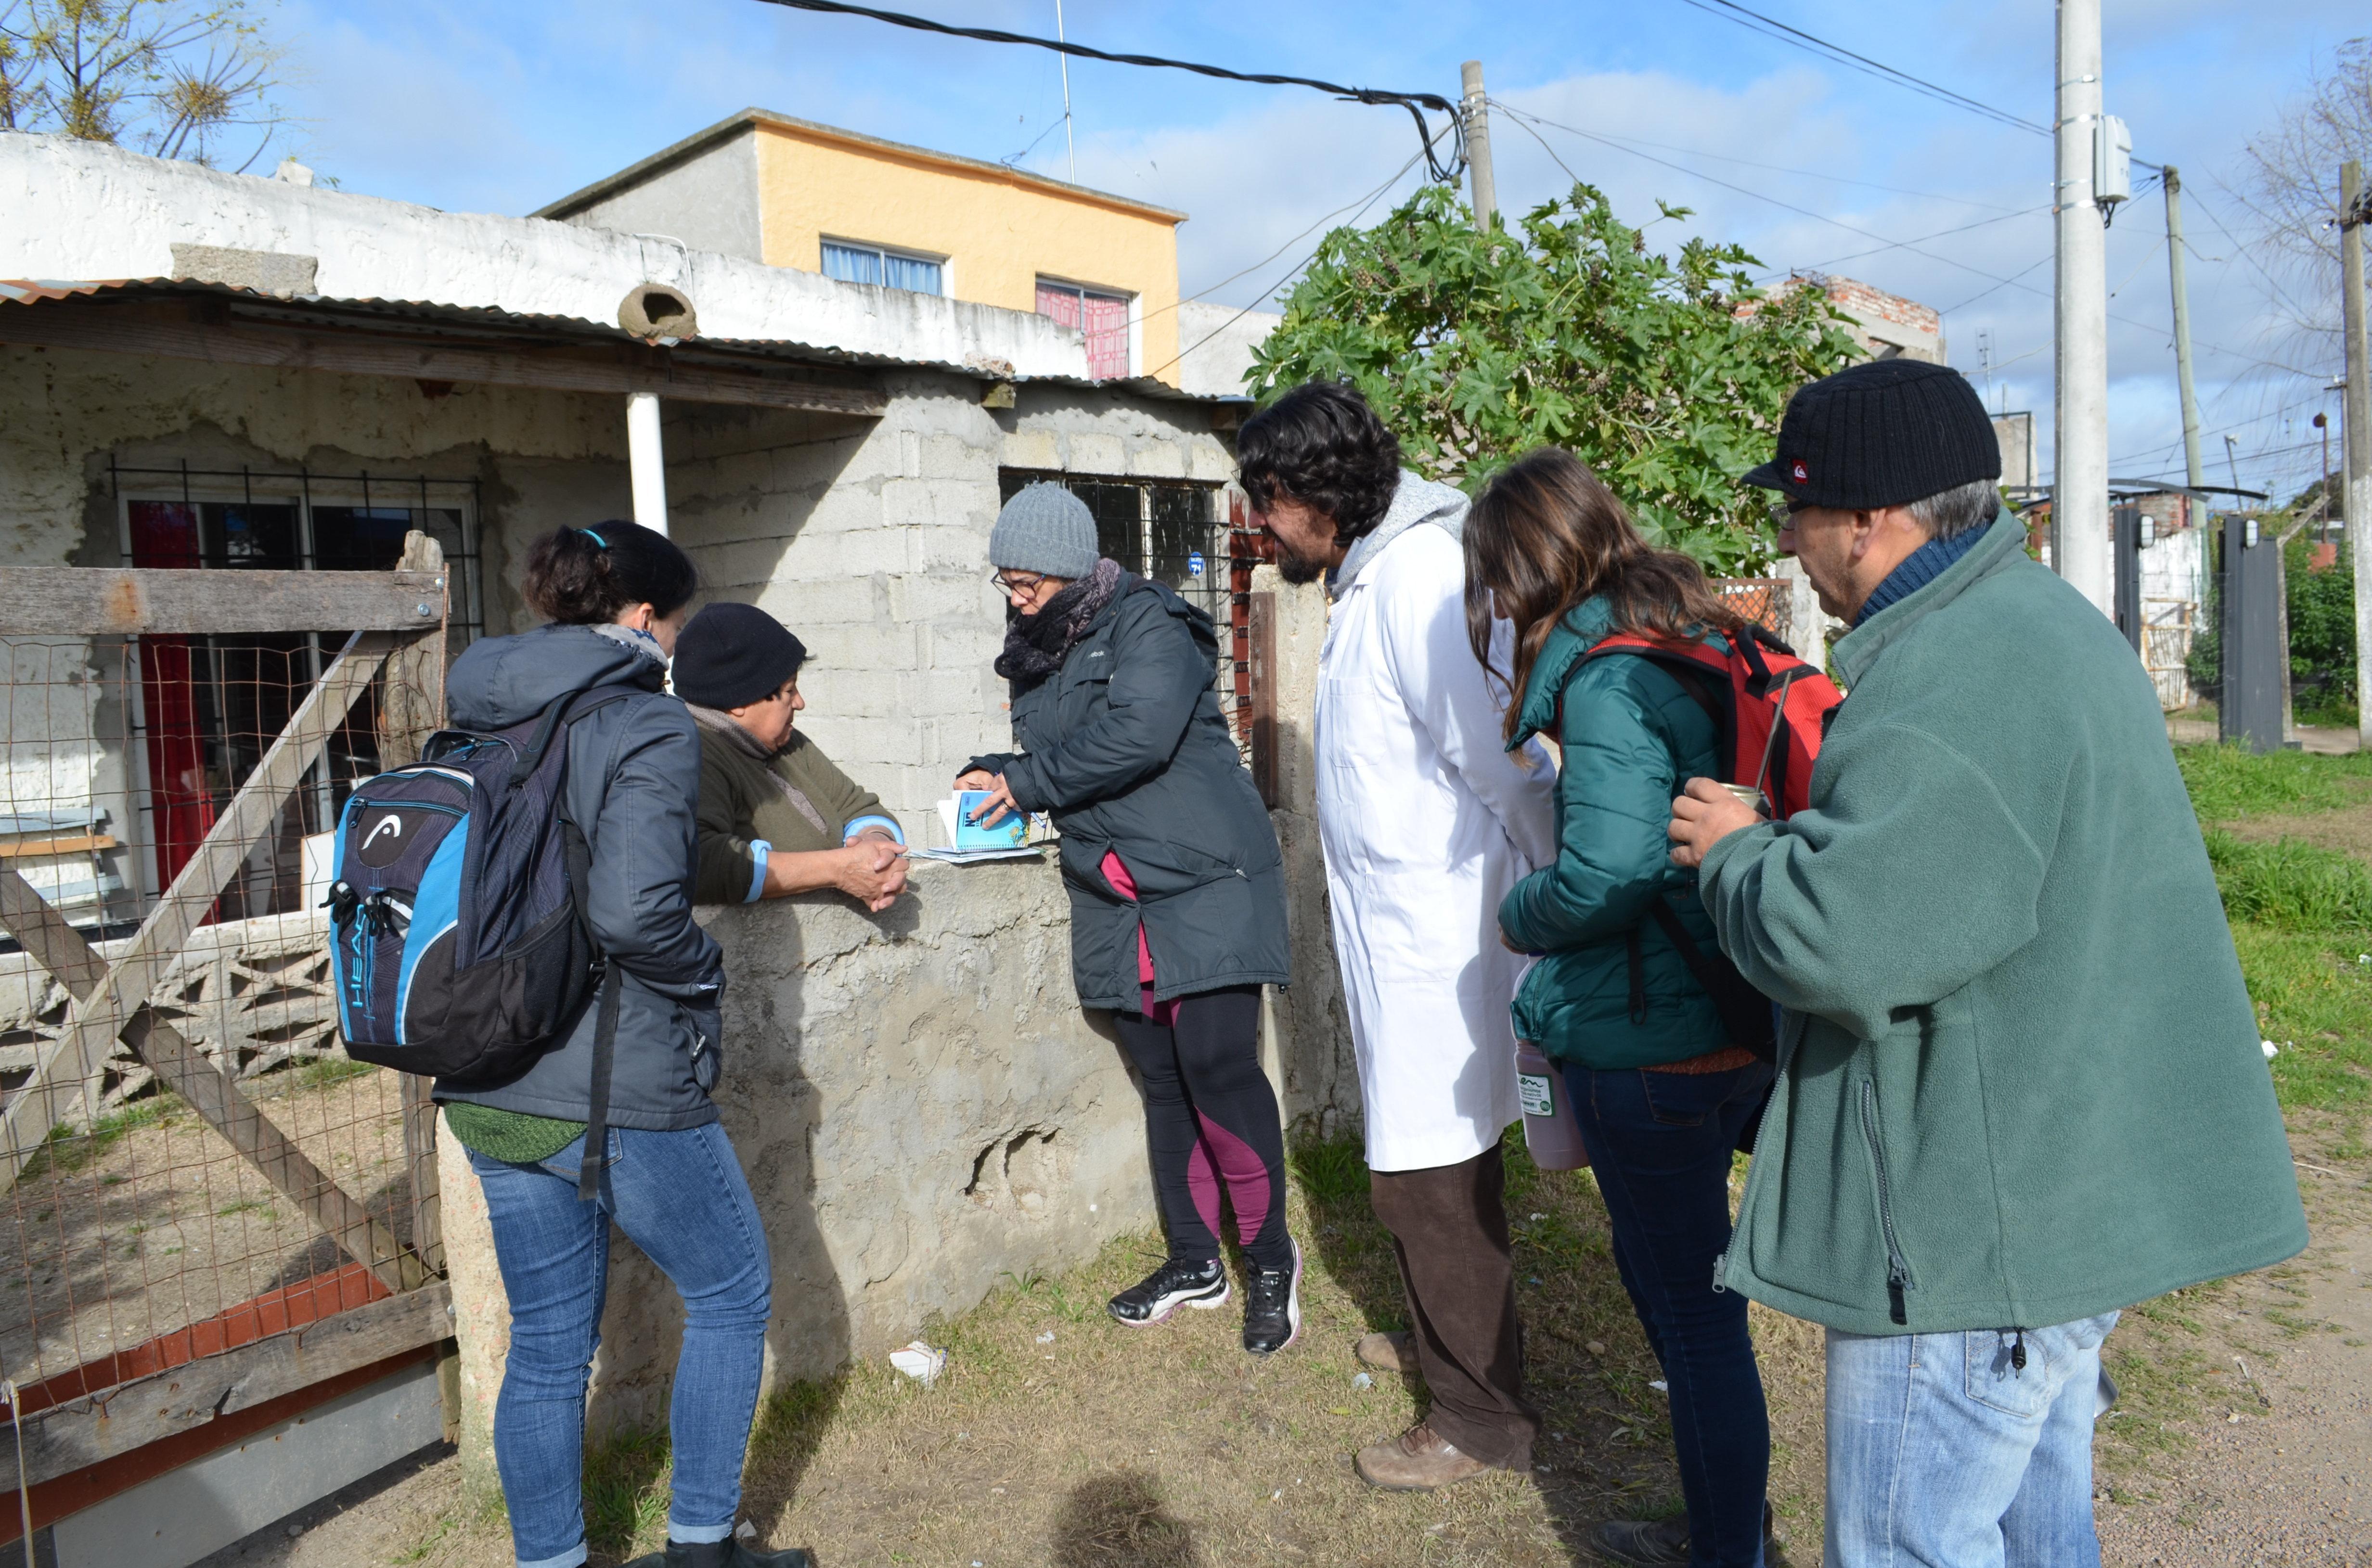 Integrantes del proyecto escolar uruguayo Entre bichitos, conversando con vecinos del barrio Casavalle